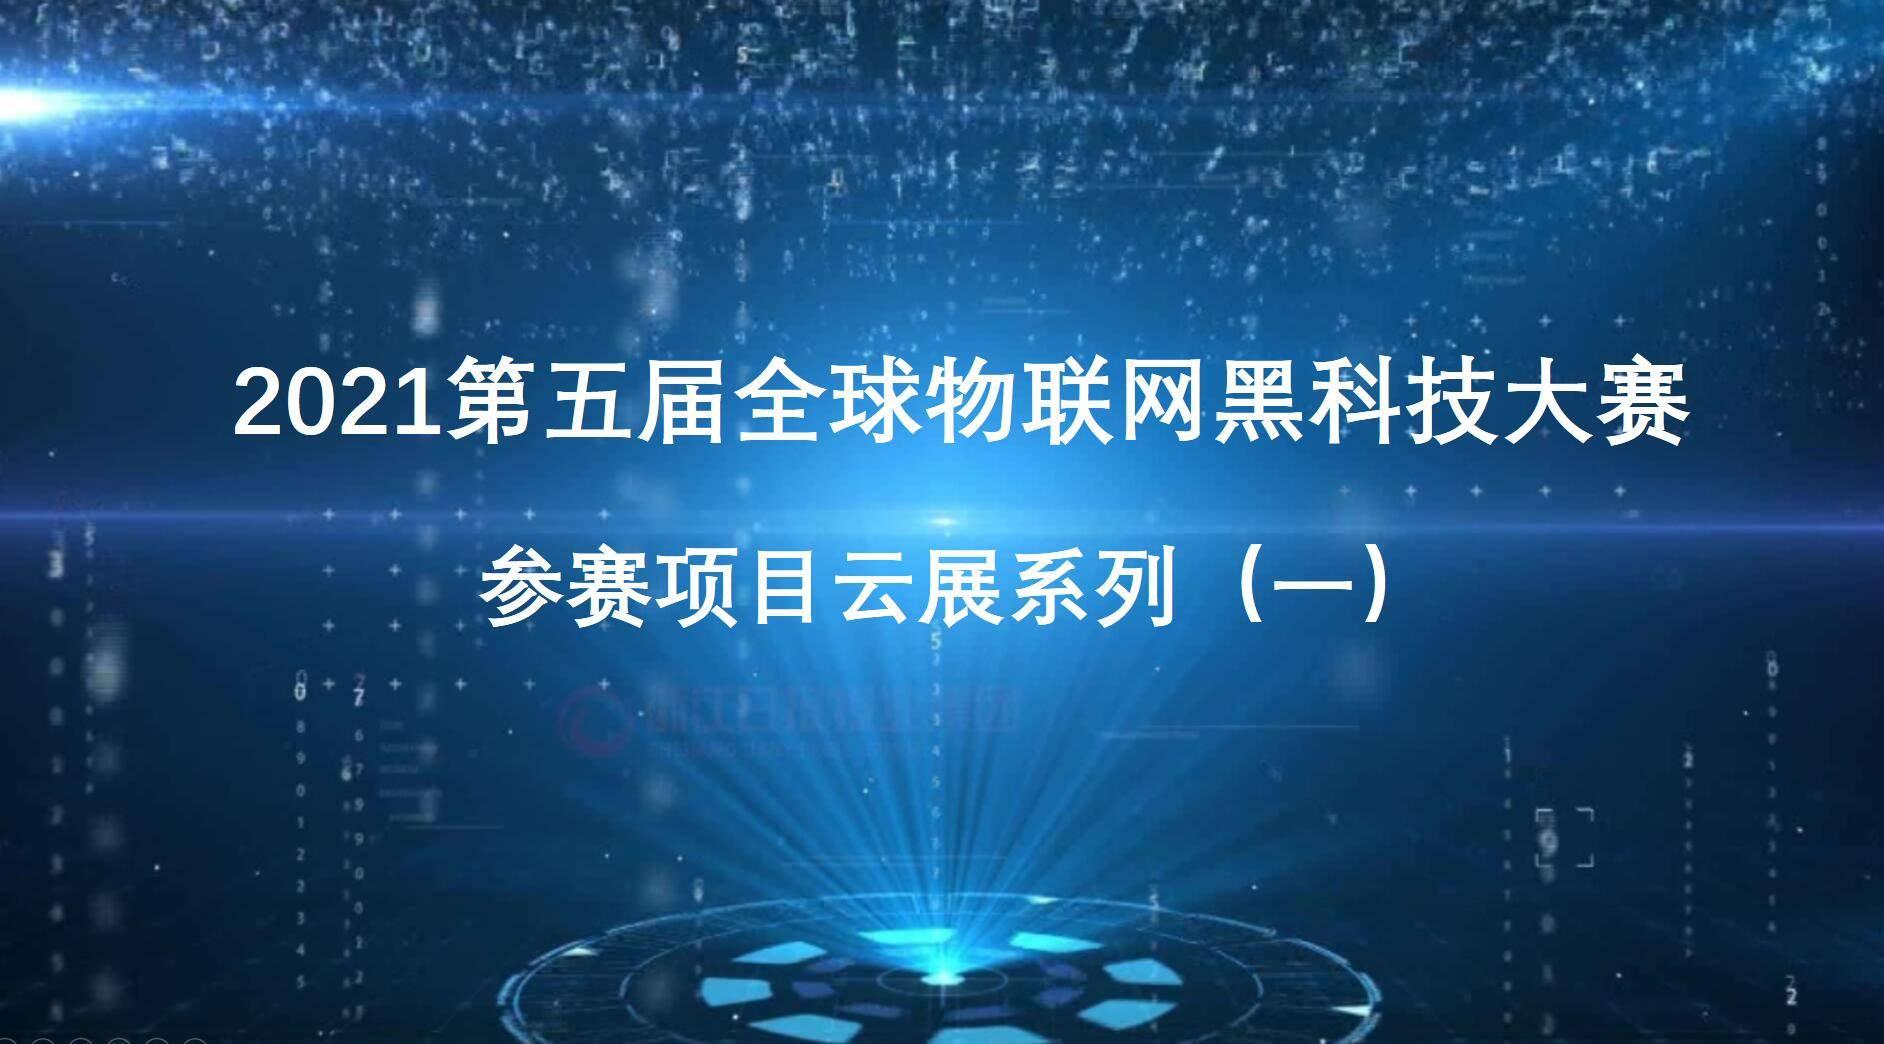 2021第五届全球物联网黑科技大赛参赛项目云展系列(一)